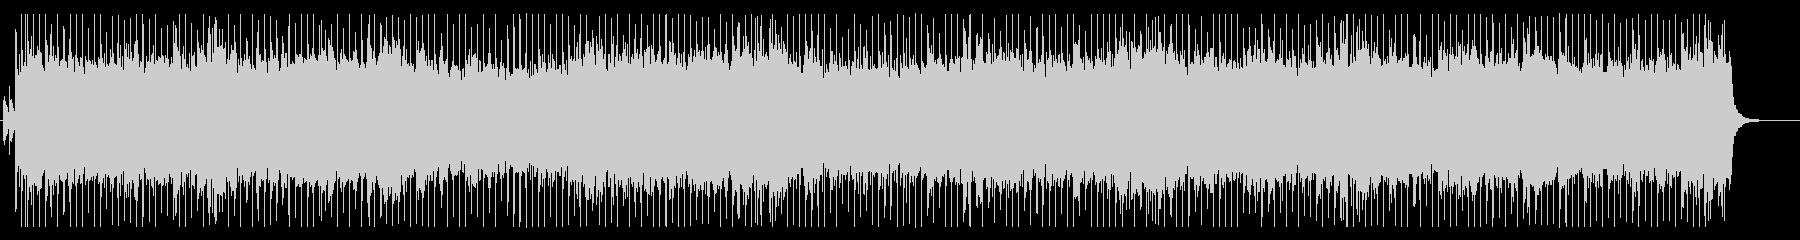 疾走感と壮大さのロックオーケストラBGMの未再生の波形